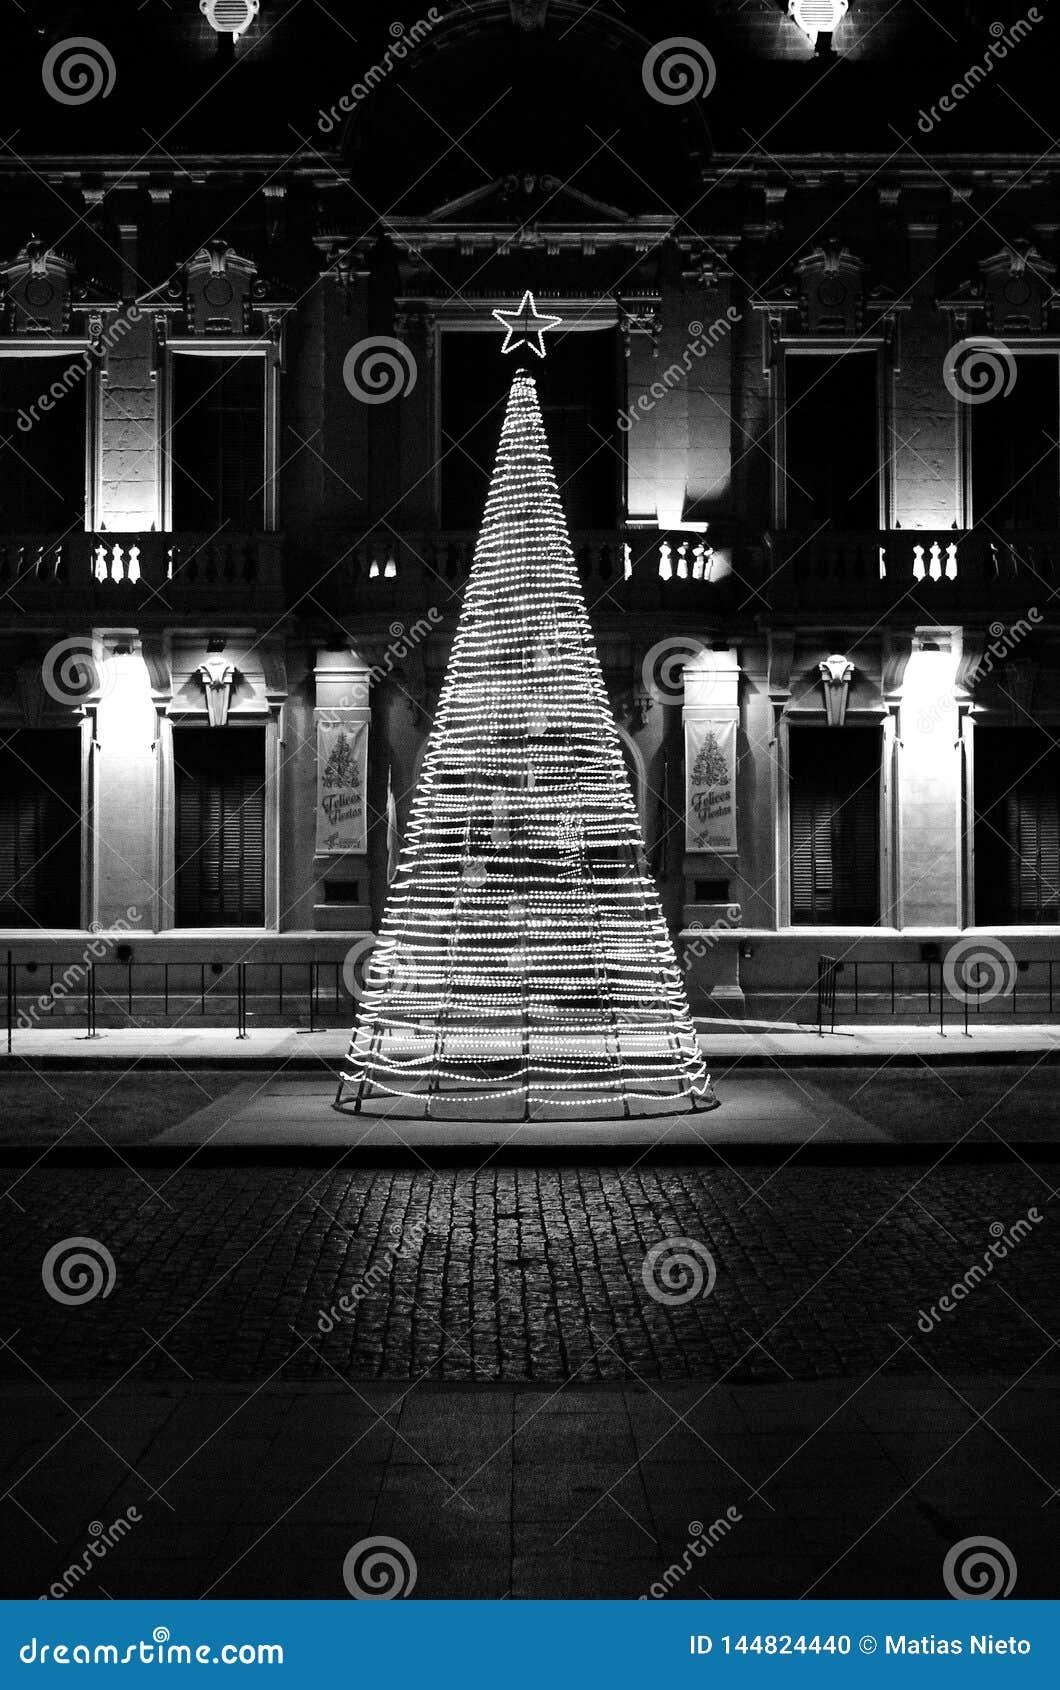 Concept van de Kerstmis het lichte boom in klassiek historisch gebied van Zuid-Amerika in zwart-wit